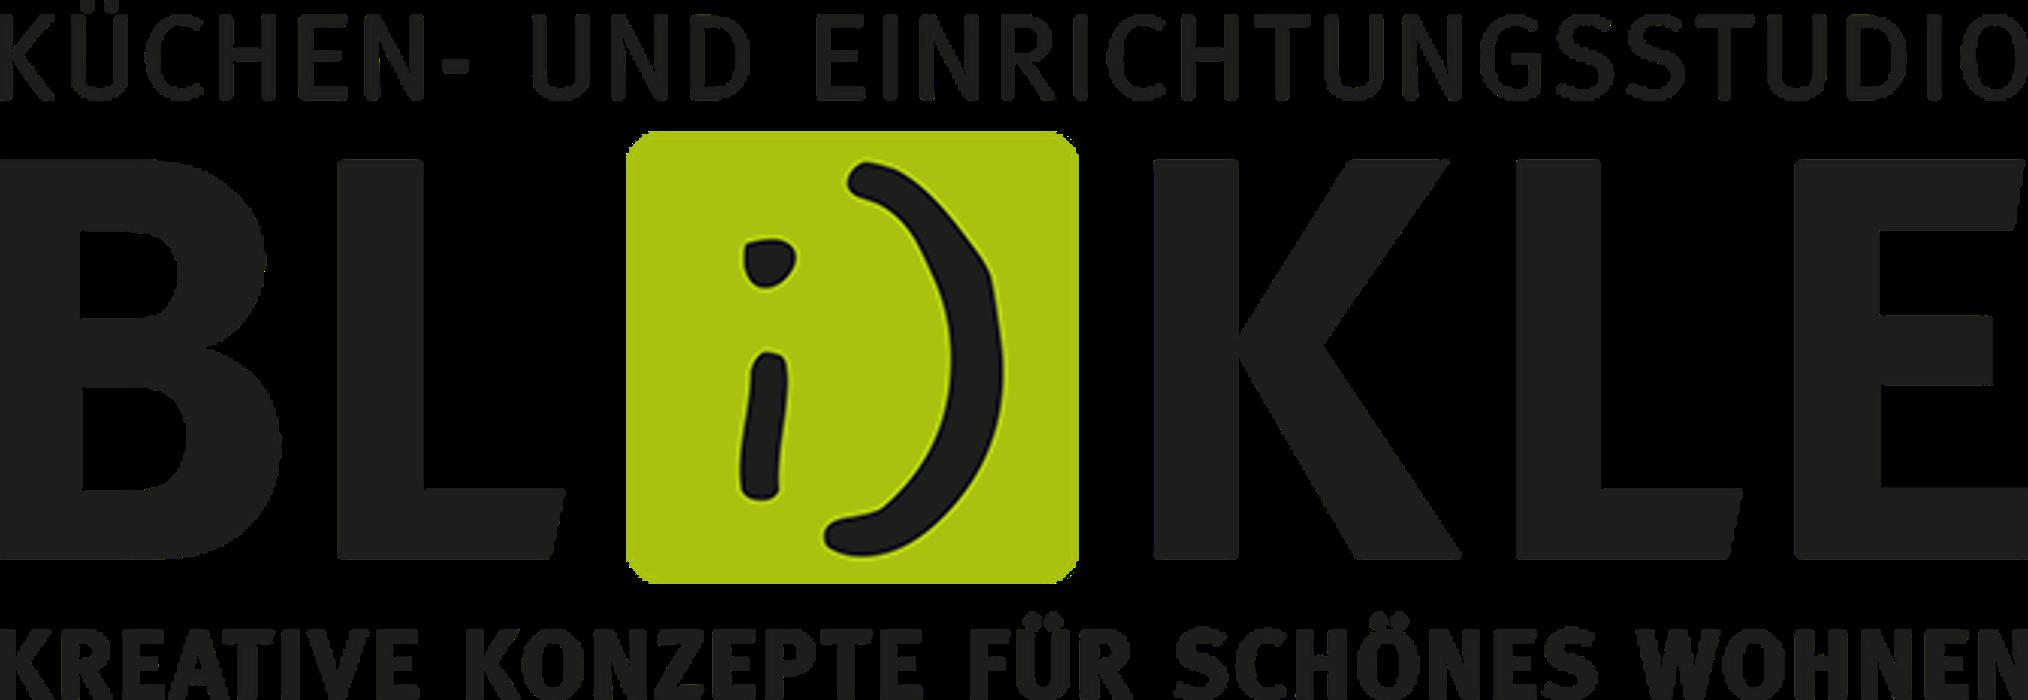 Logo von Küchen- und Einrichtungsstudio Blickle GmbH